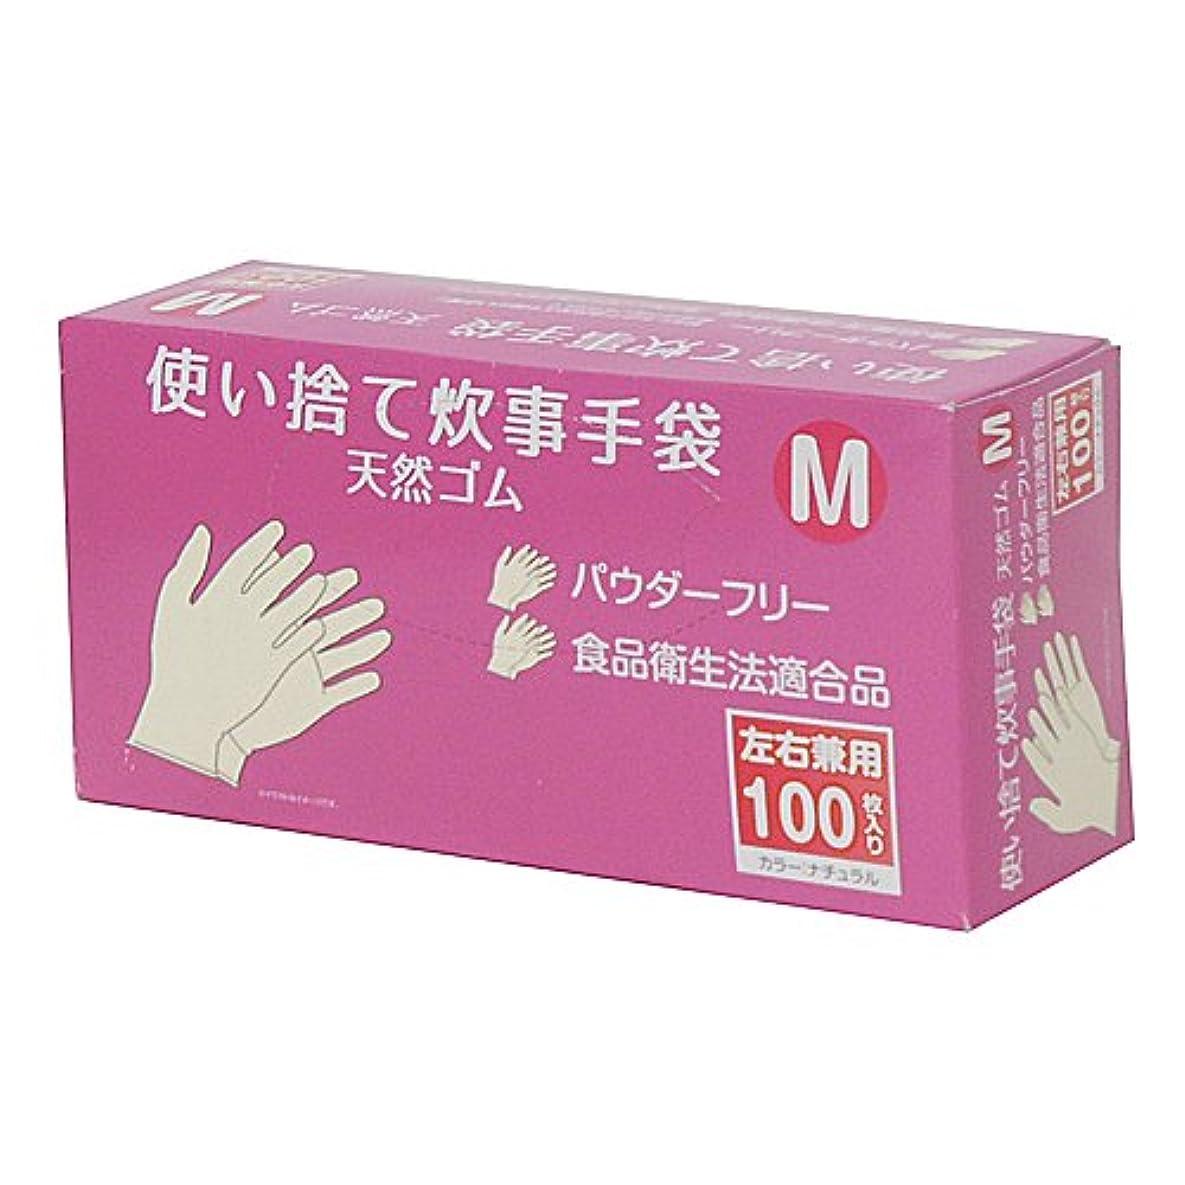 ミニ内向き裸コーナンオリジナル 使い捨て 炊事手袋 天然ゴム 100枚入り M KFY05-1128